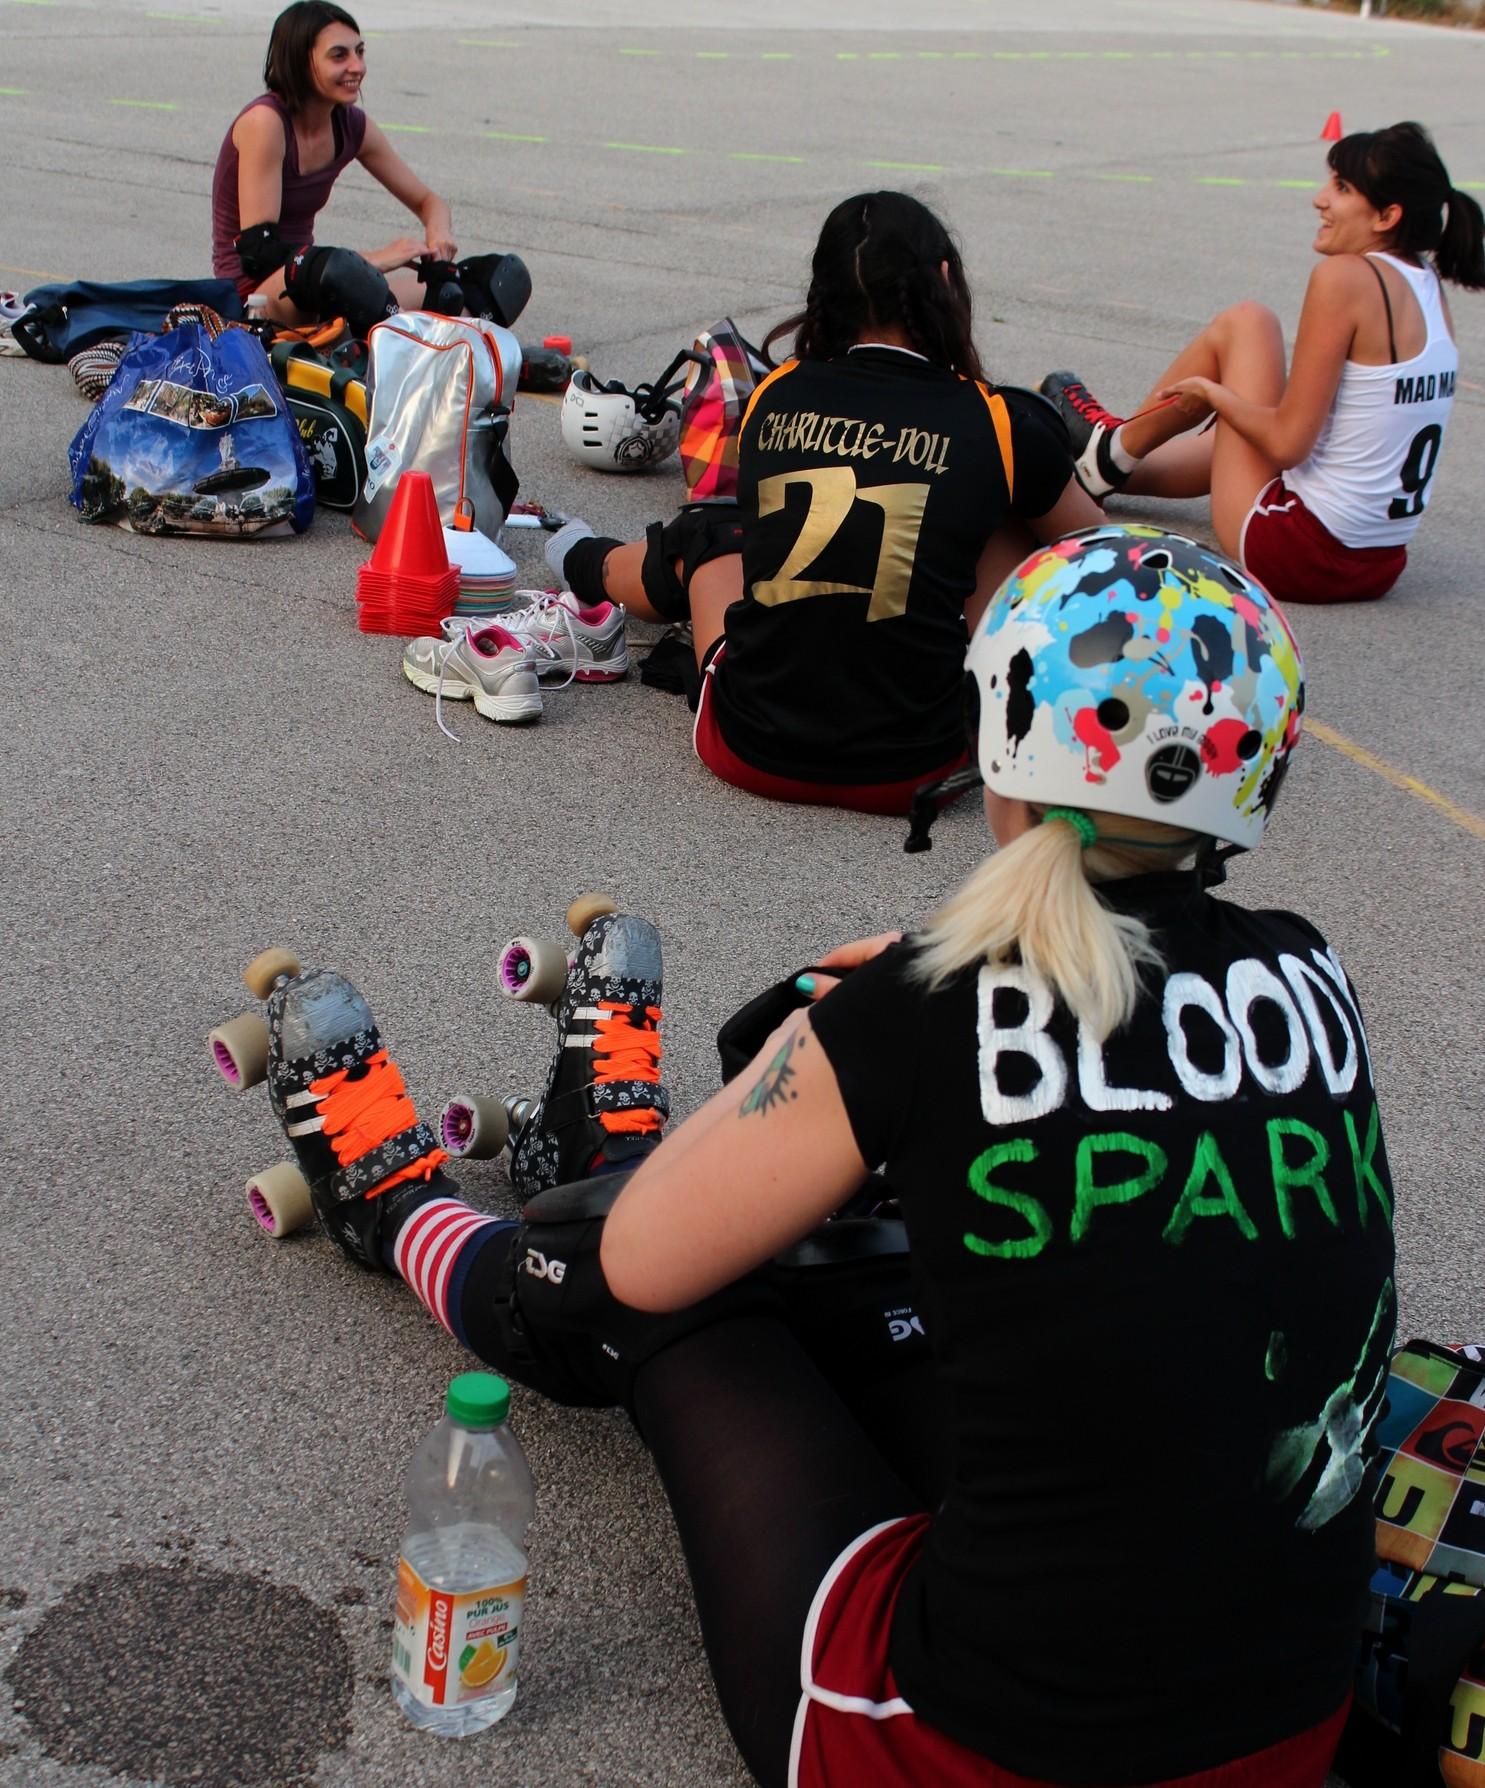 Jessie, la présidente de l'association Roller Derby Aix, alias Bloody Spark sur la piste.  ©AL